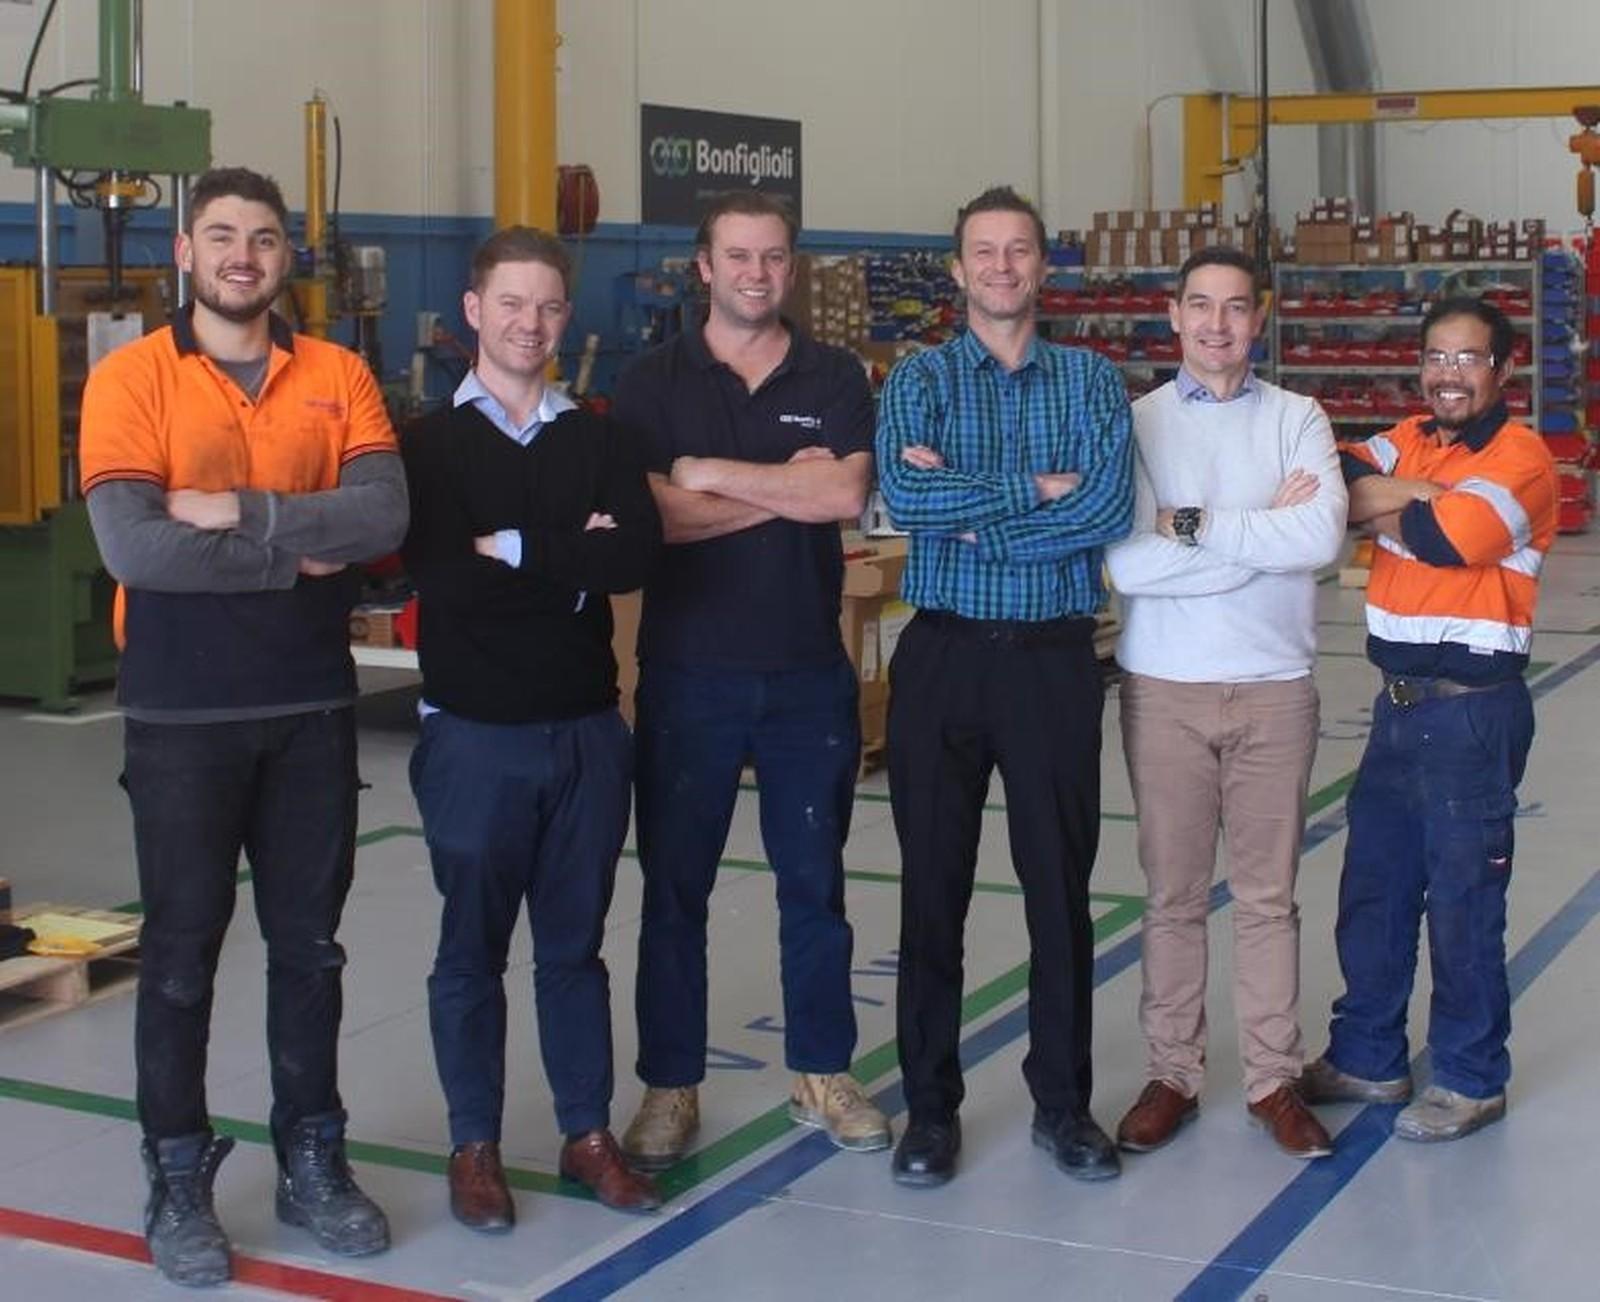 Michael Mullen, Regional Manager VIC, SA und TAS bei Bonfiglioli Australia (3. von links) zusammen mit ein paar Mitarbeitern im neuen australischen Headquarter.